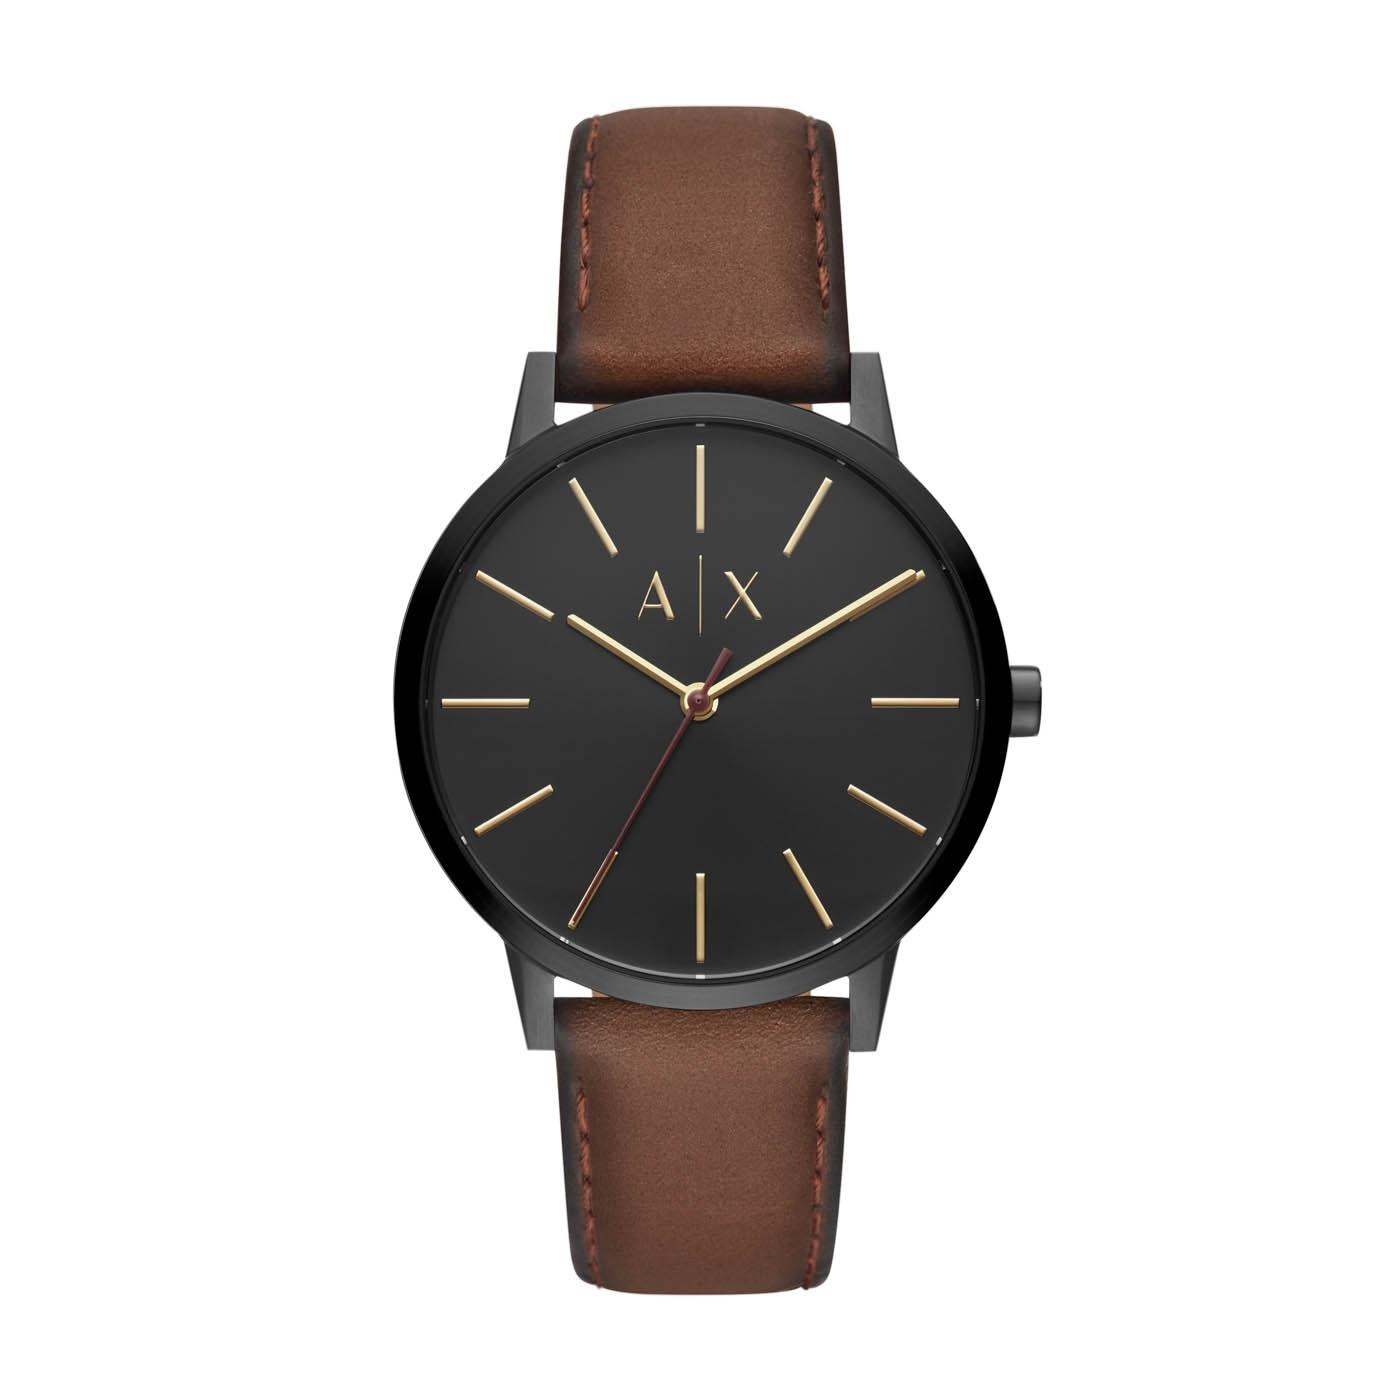 Afbeelding van Armani Exchange Cayde horloge AX2706